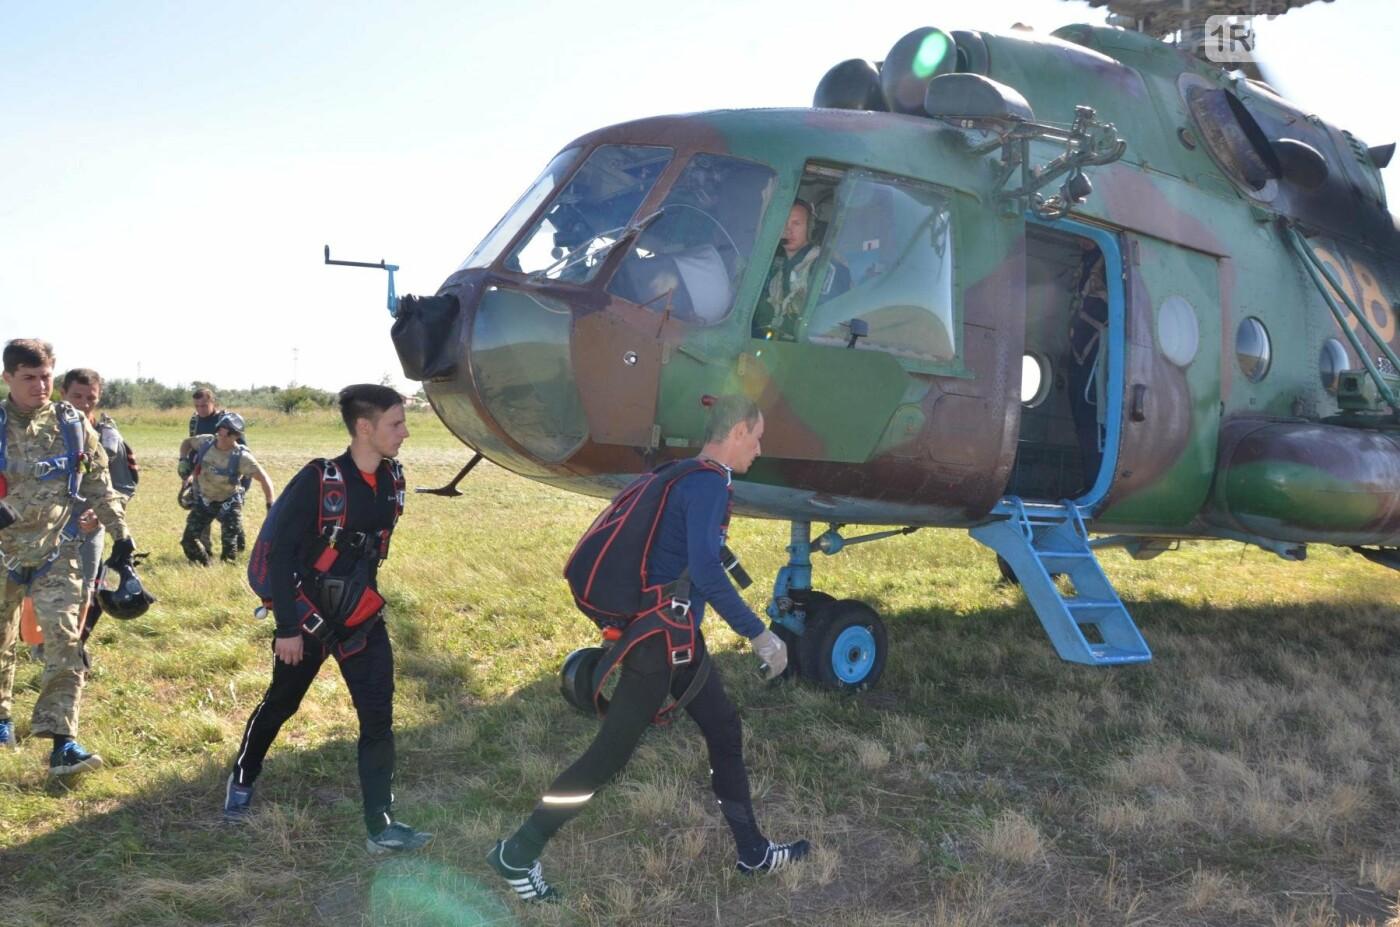 В Ростовской области проходит учебный сбор парашютистов, фото-2, Фото: Александр Барабашов